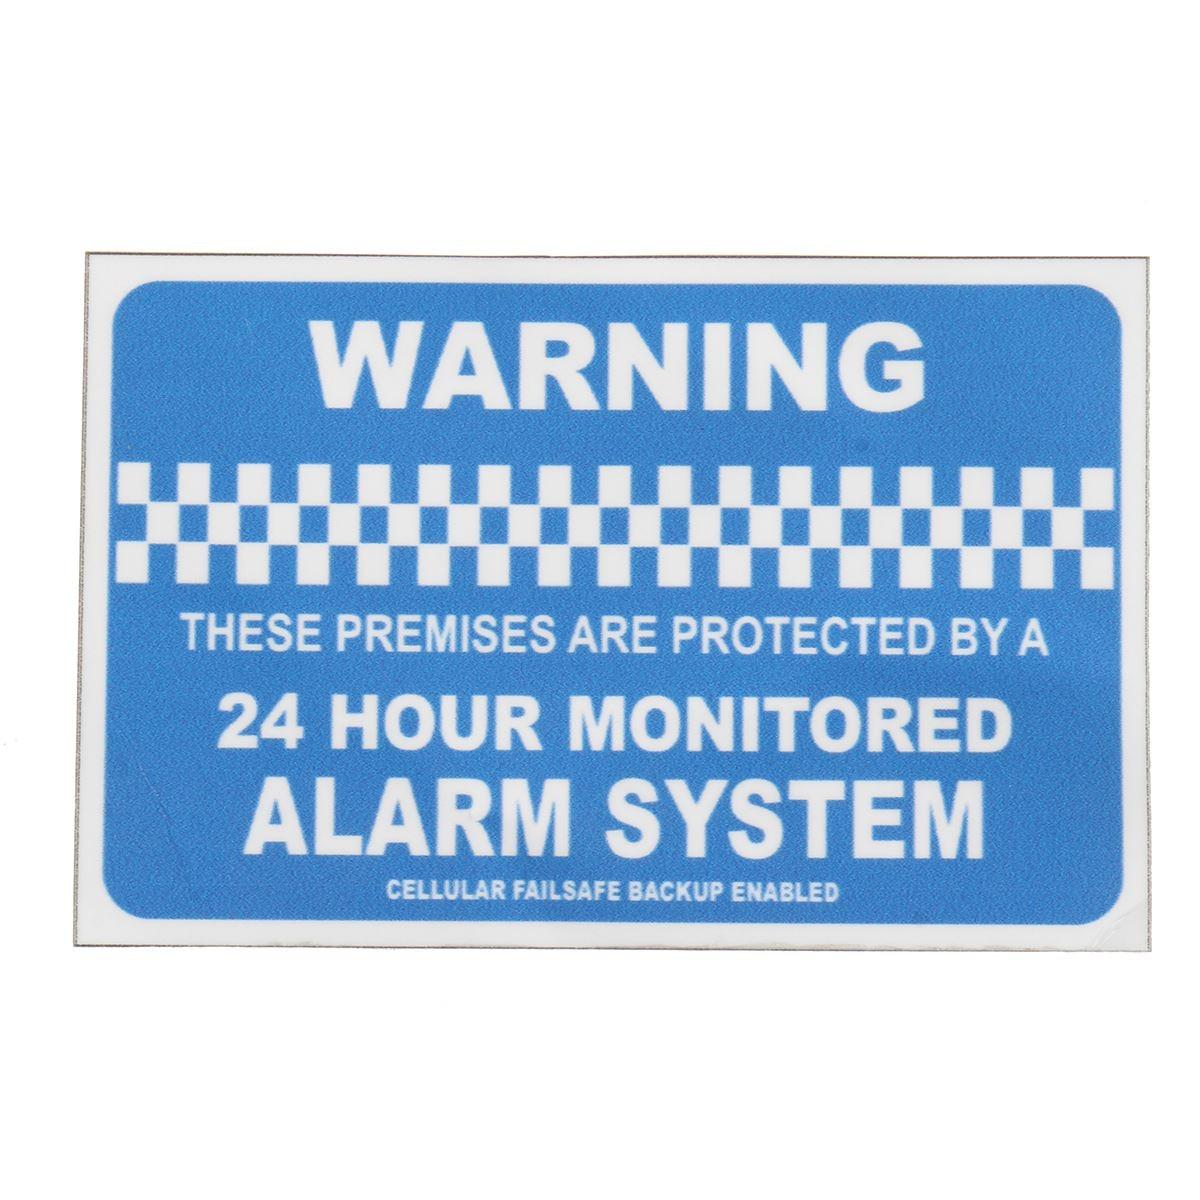 Safurance мониторинга сигнализации homesecurity Предупреждение Стикеры виниловые знак наклейка автомобиля дома или офиса